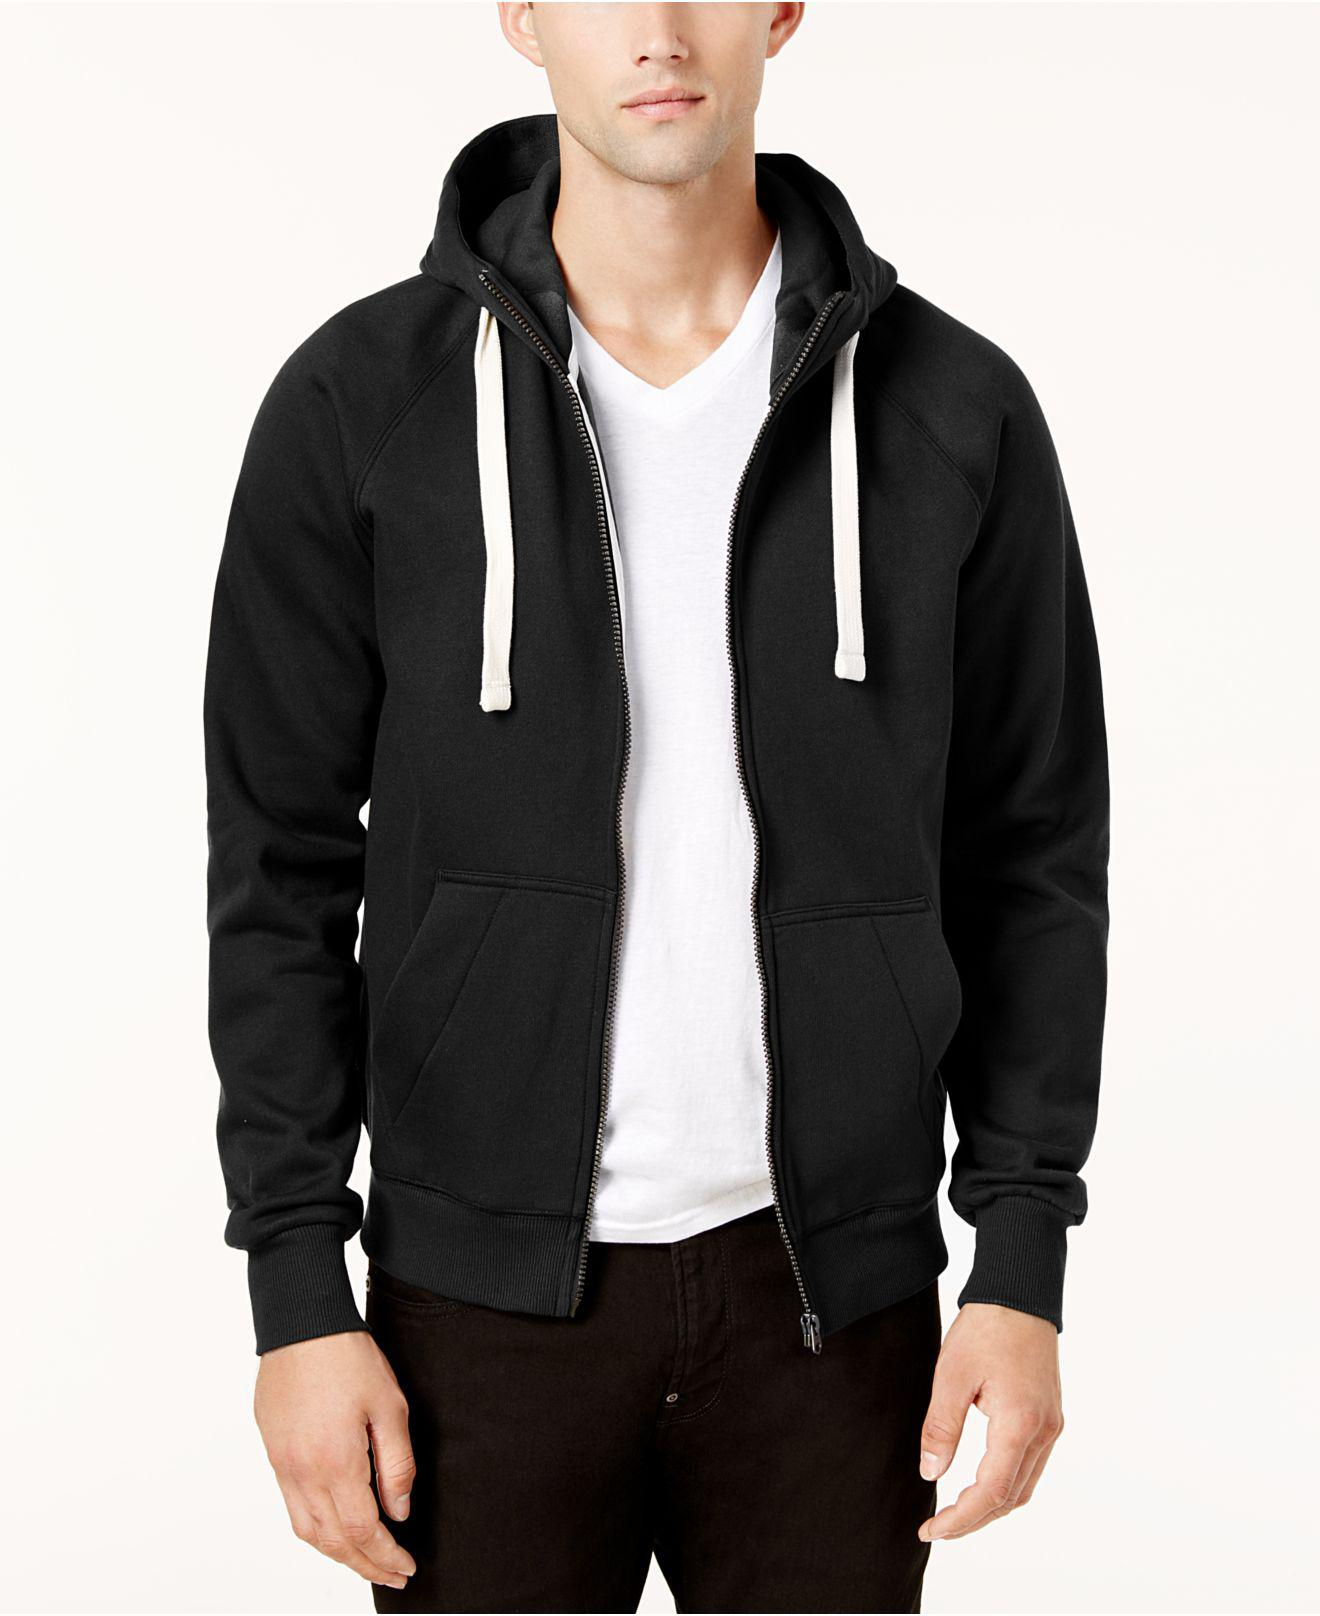 c0240b0280c G-Star RAW Men s Zip-front Hoodie in Black for Men - Lyst